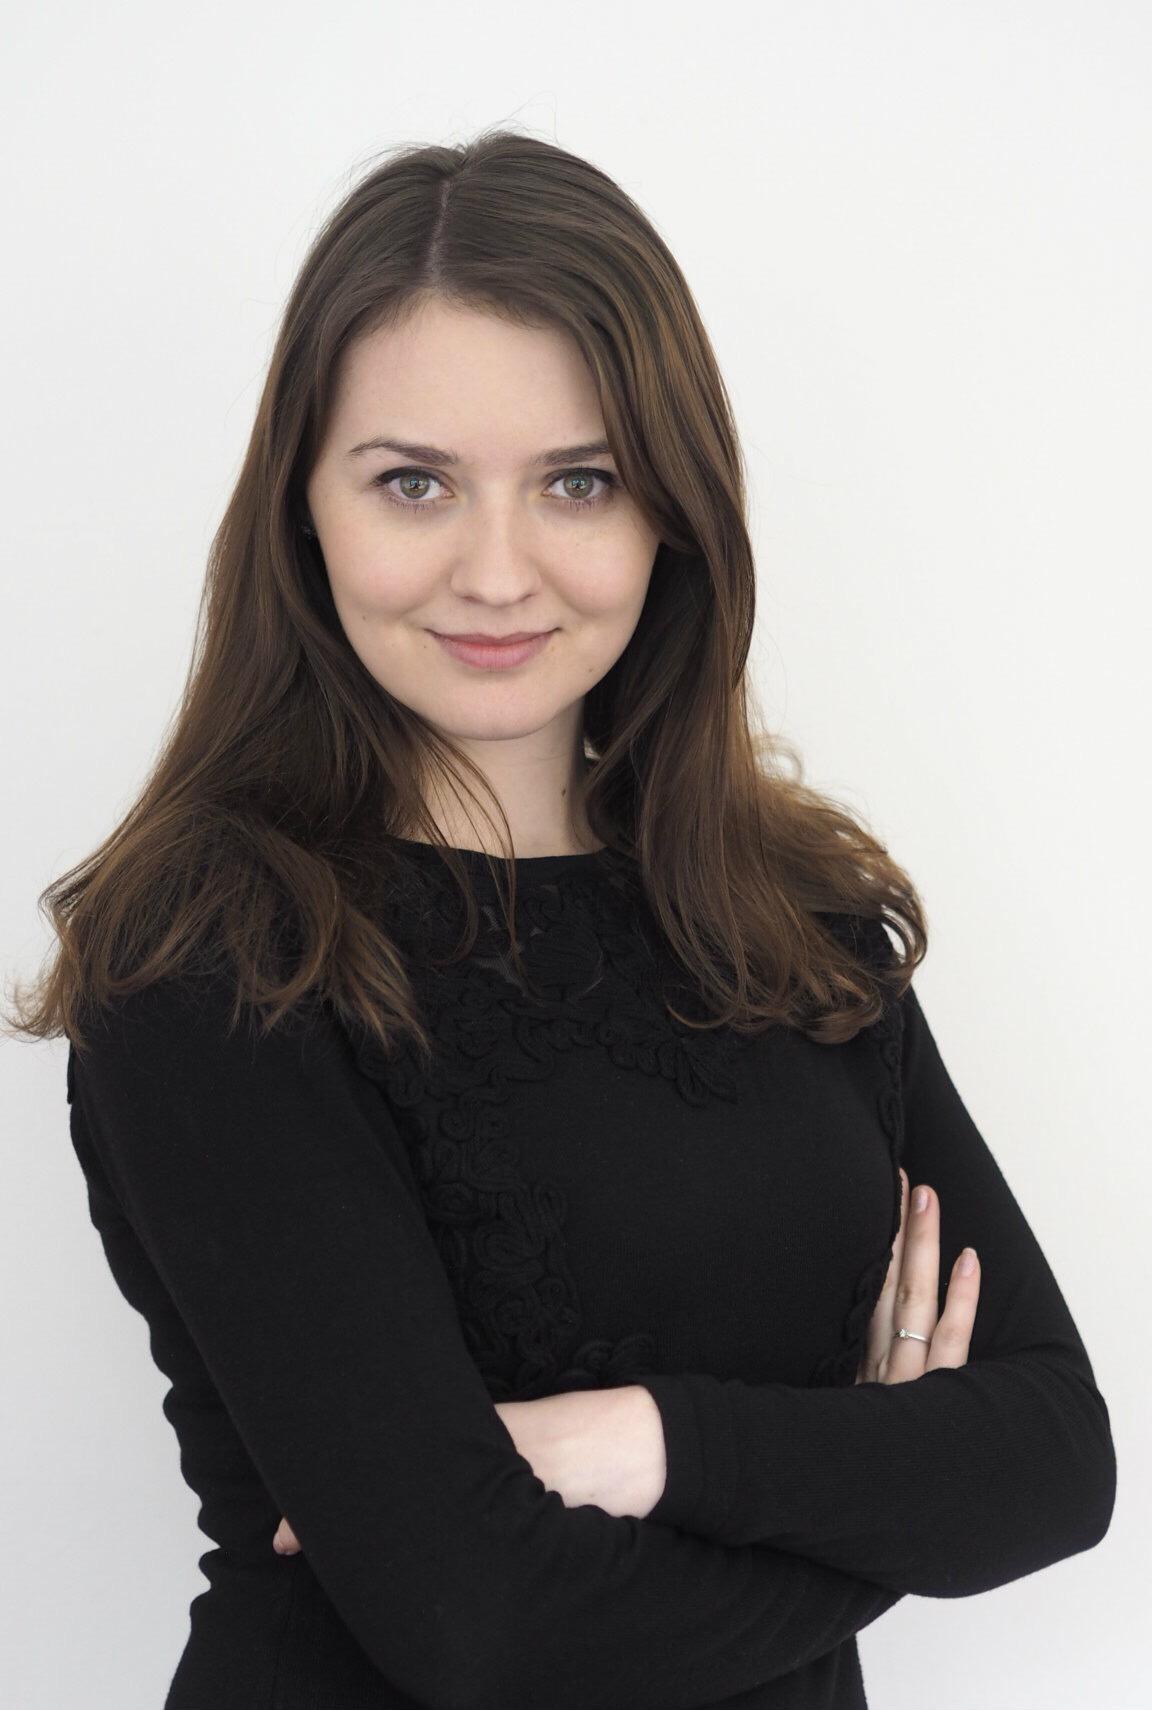 Martina Vohradská